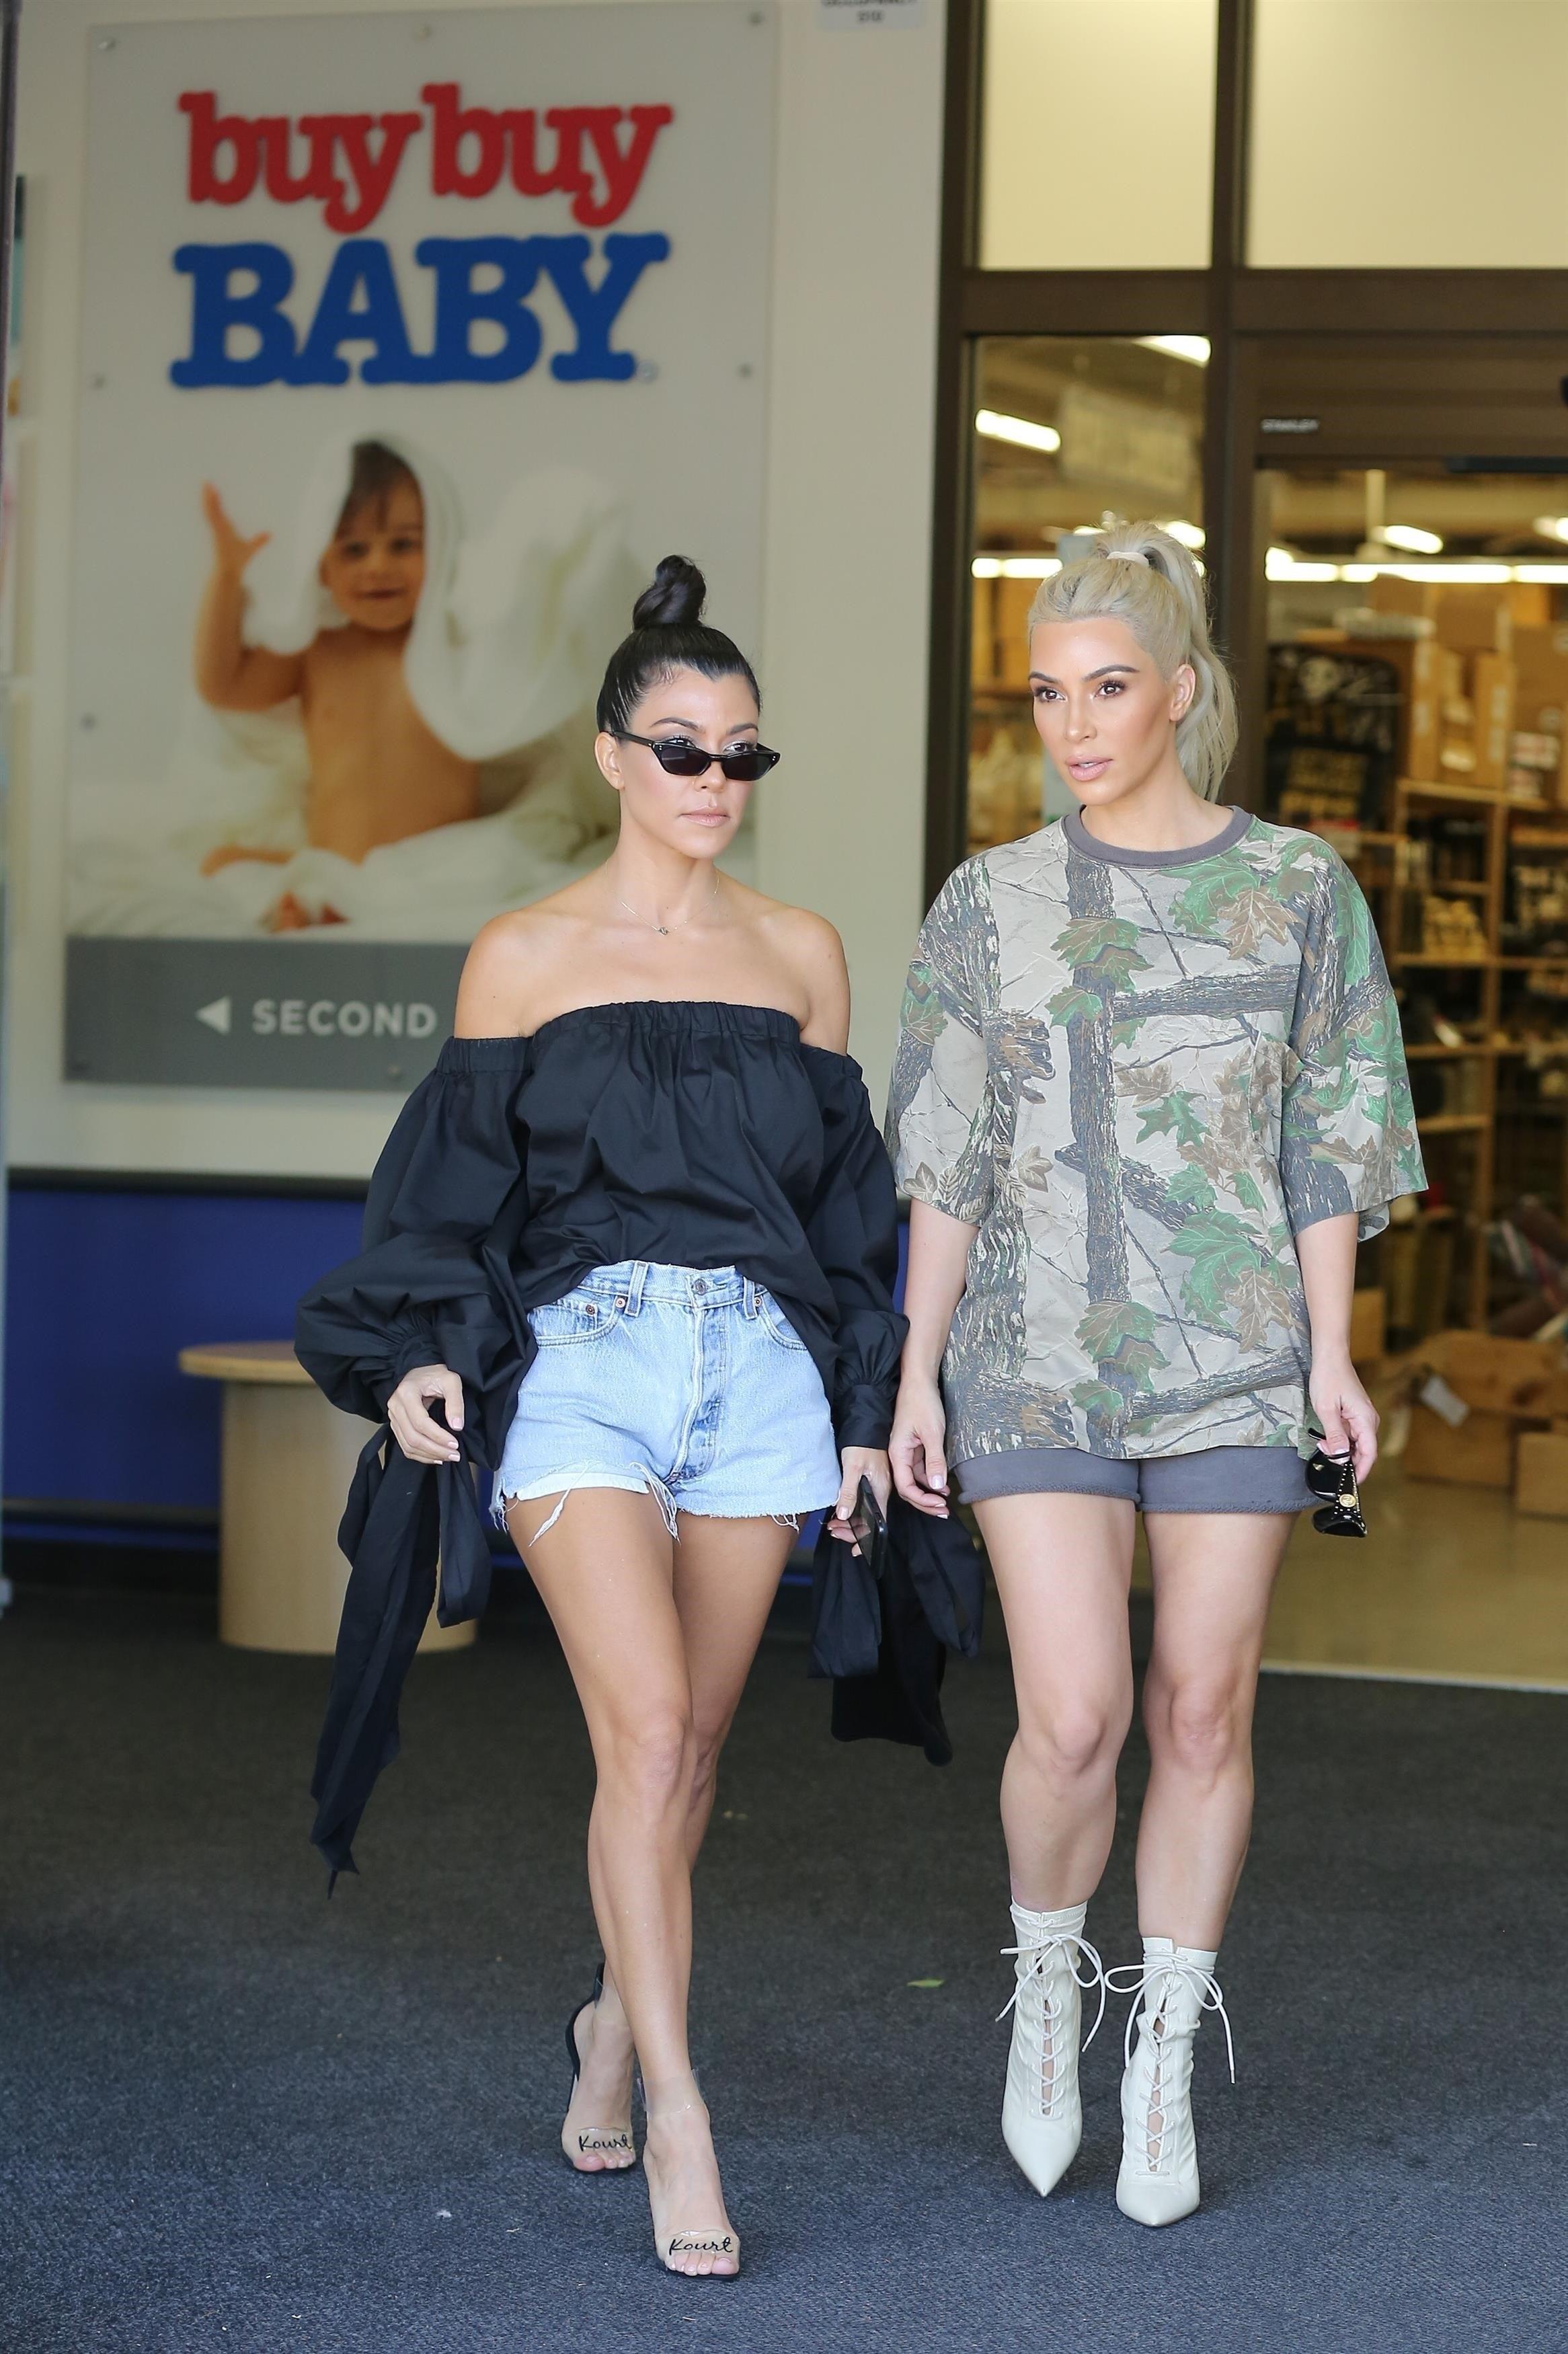 Kourtney and Kim Kardashian at Buy Buy Baby